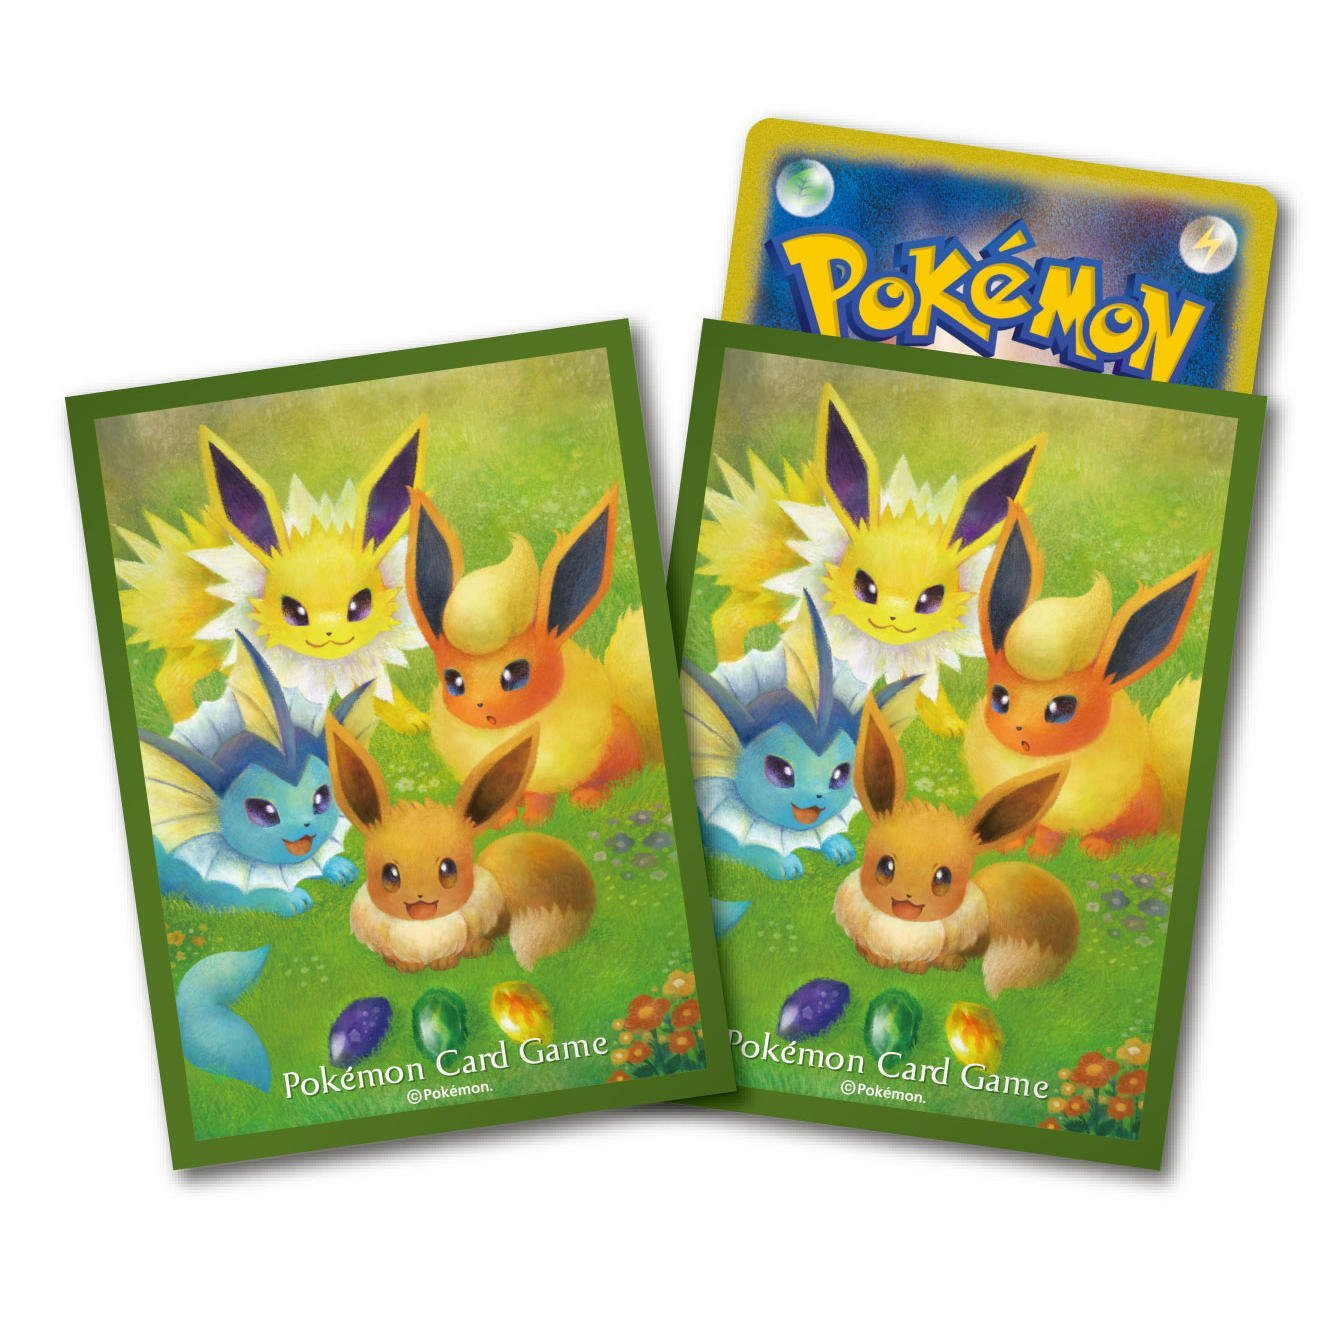 神奇寶貝 卡牌收集卡套 Pokemon - Deck Shield 寶可夢主題標準尺寸卡套 伊布的進化